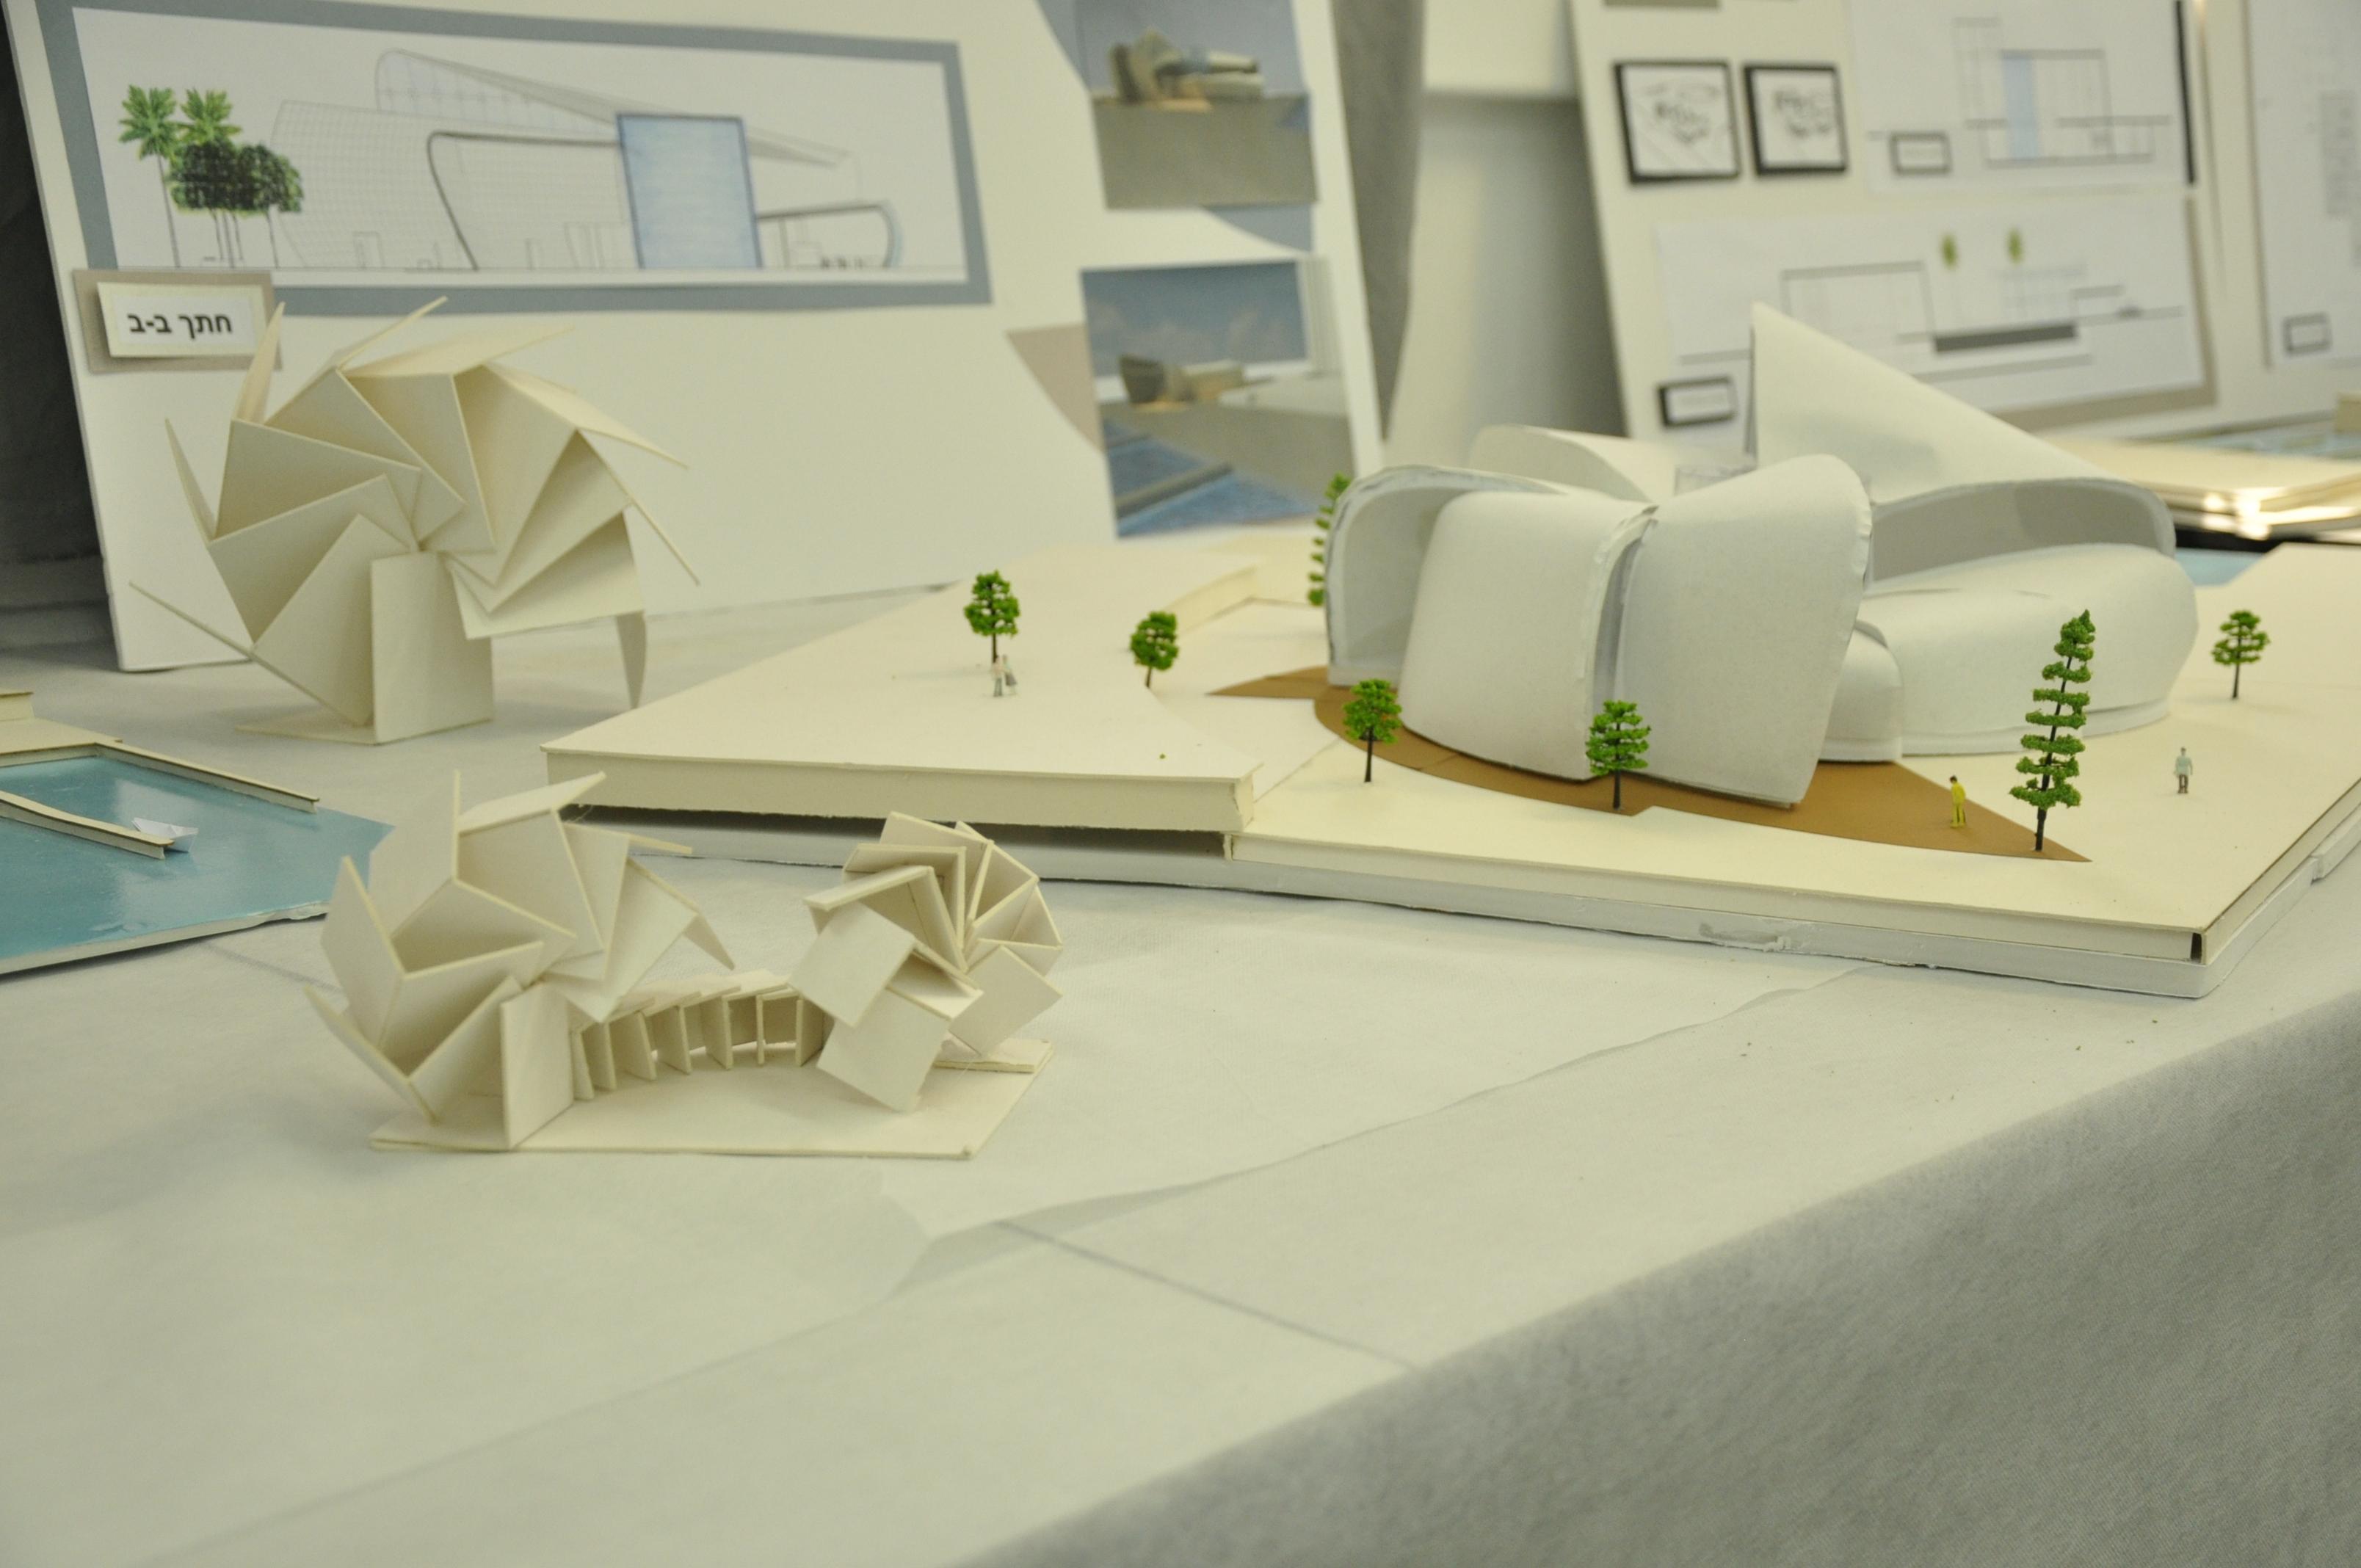 תכנון מרכז ספורט ימי, הנדסאי אדריכלות. מגישה עדן קבלן, מנחה לירז גרוס. צילום: מאיה לוי - שנקר הנדסאים